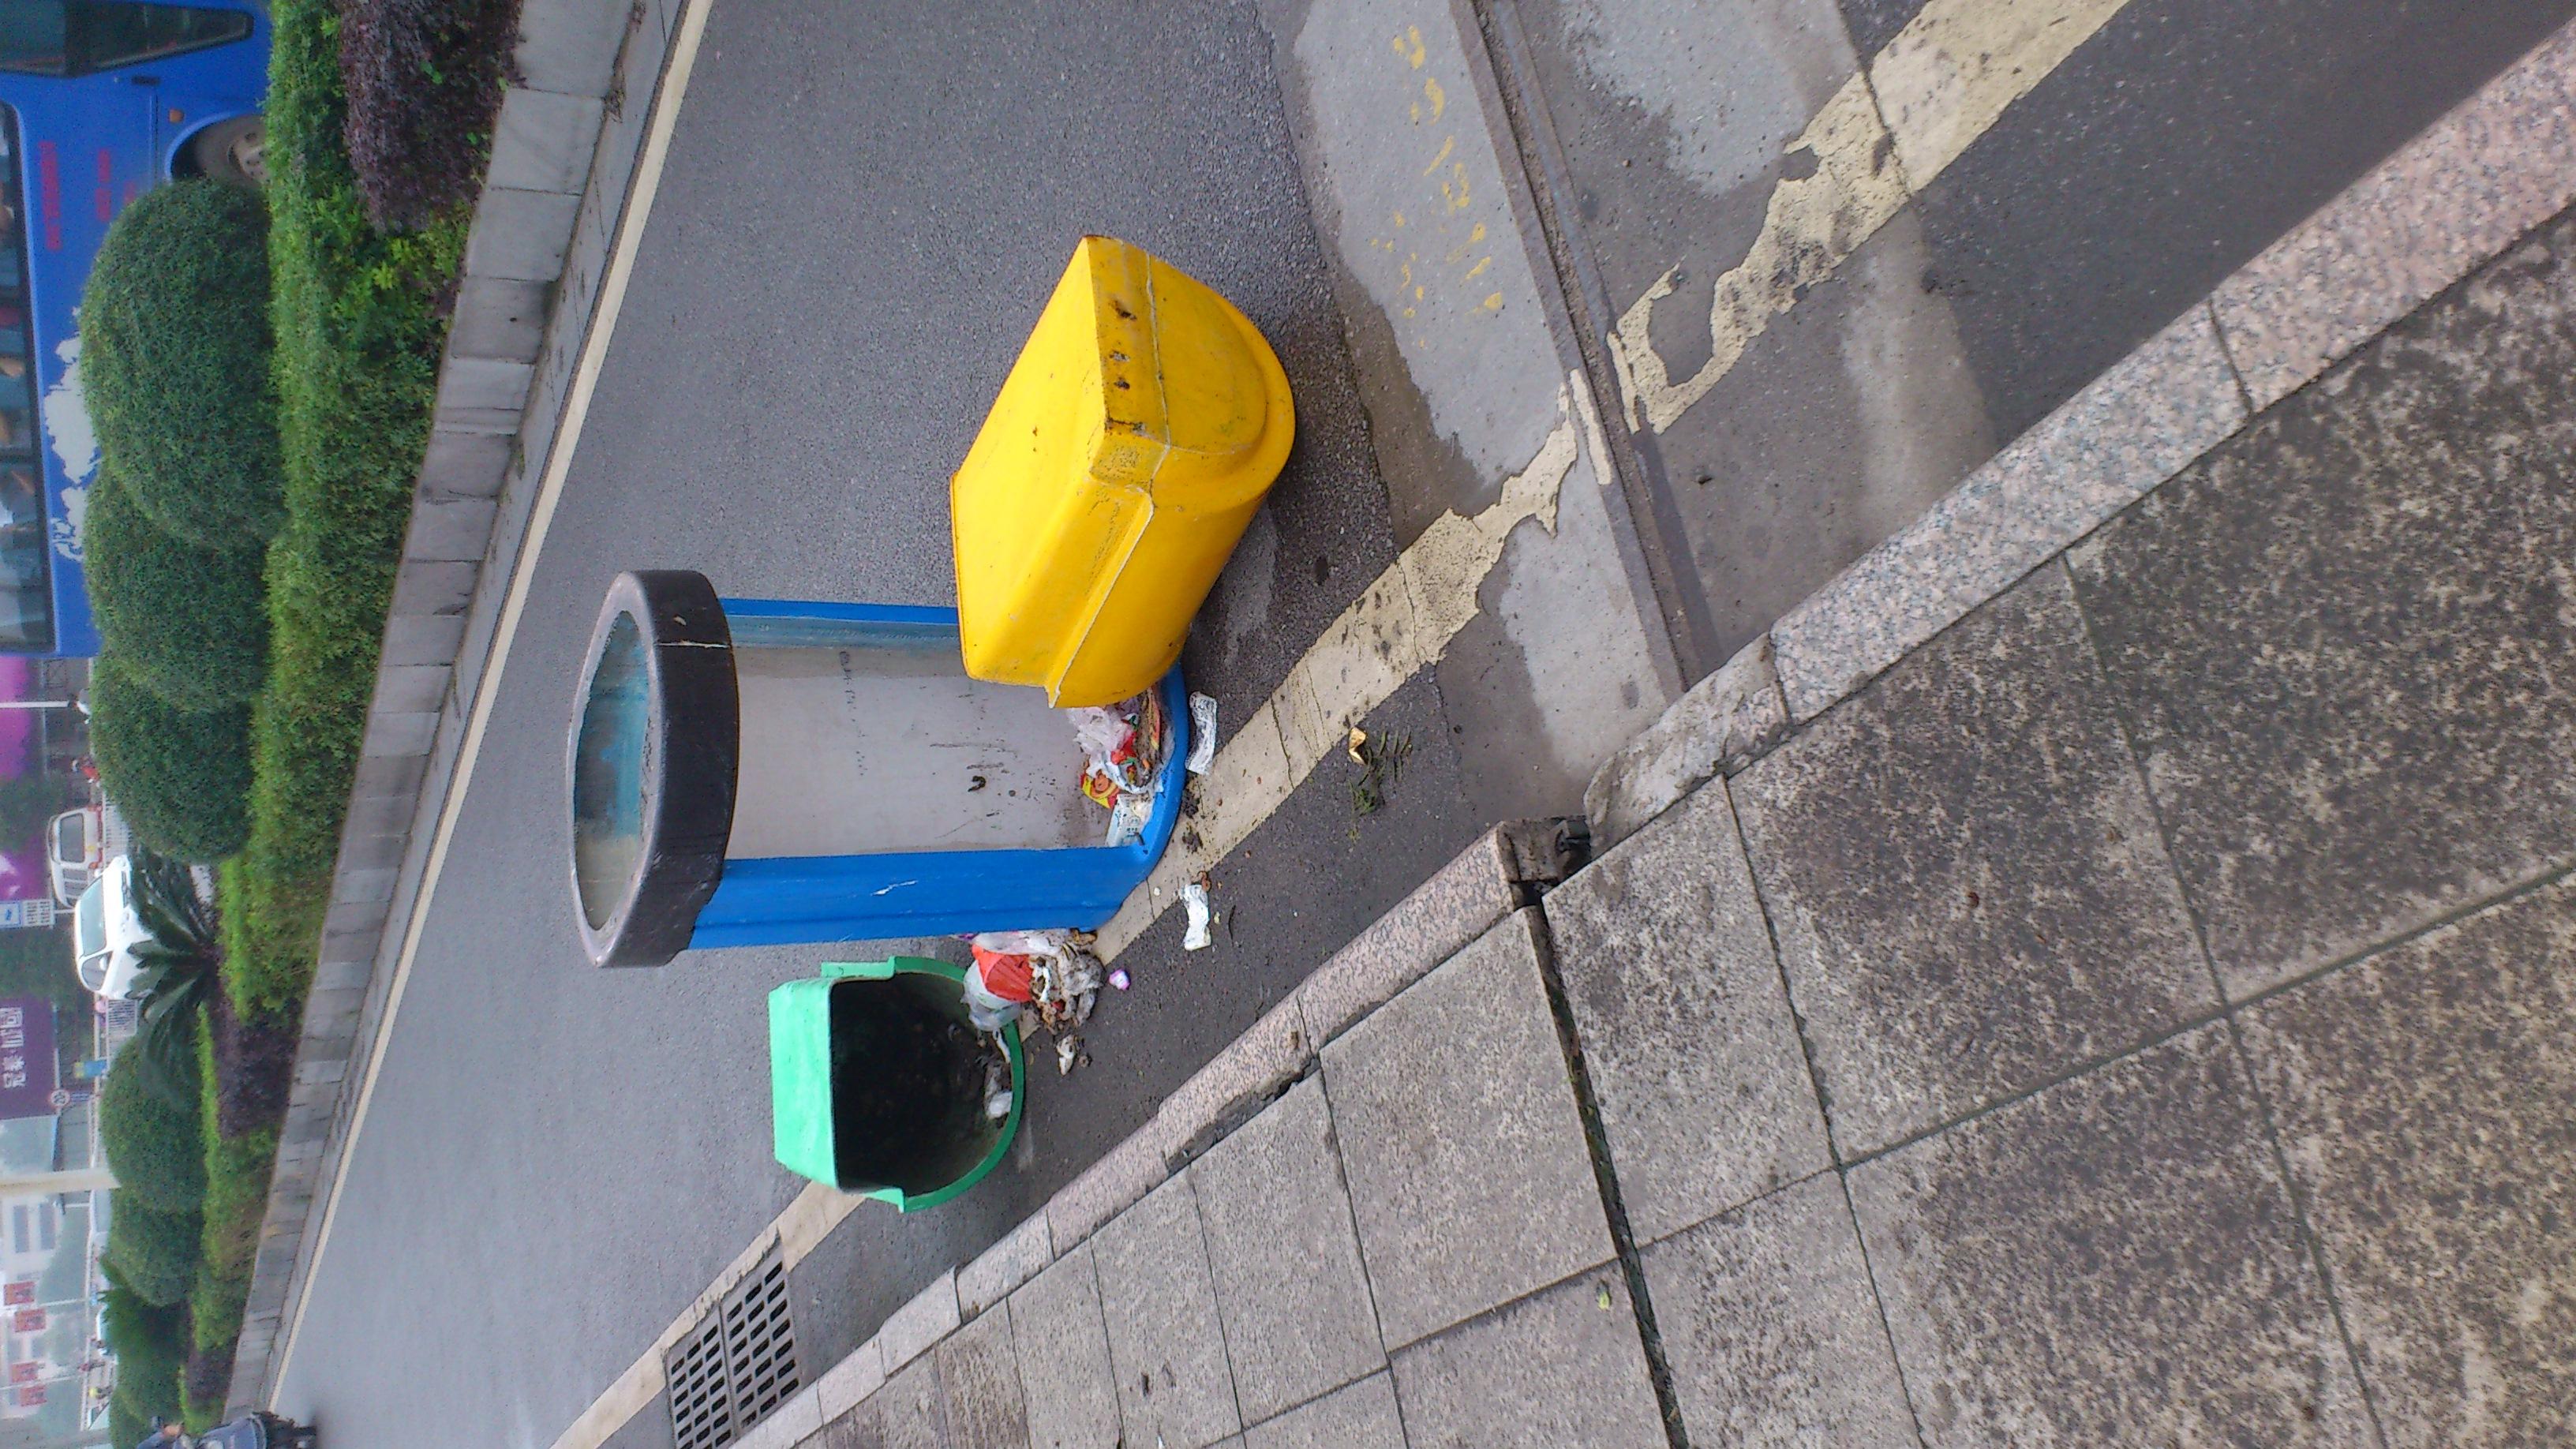 垃圾桶惹你了呀?穿山桥上